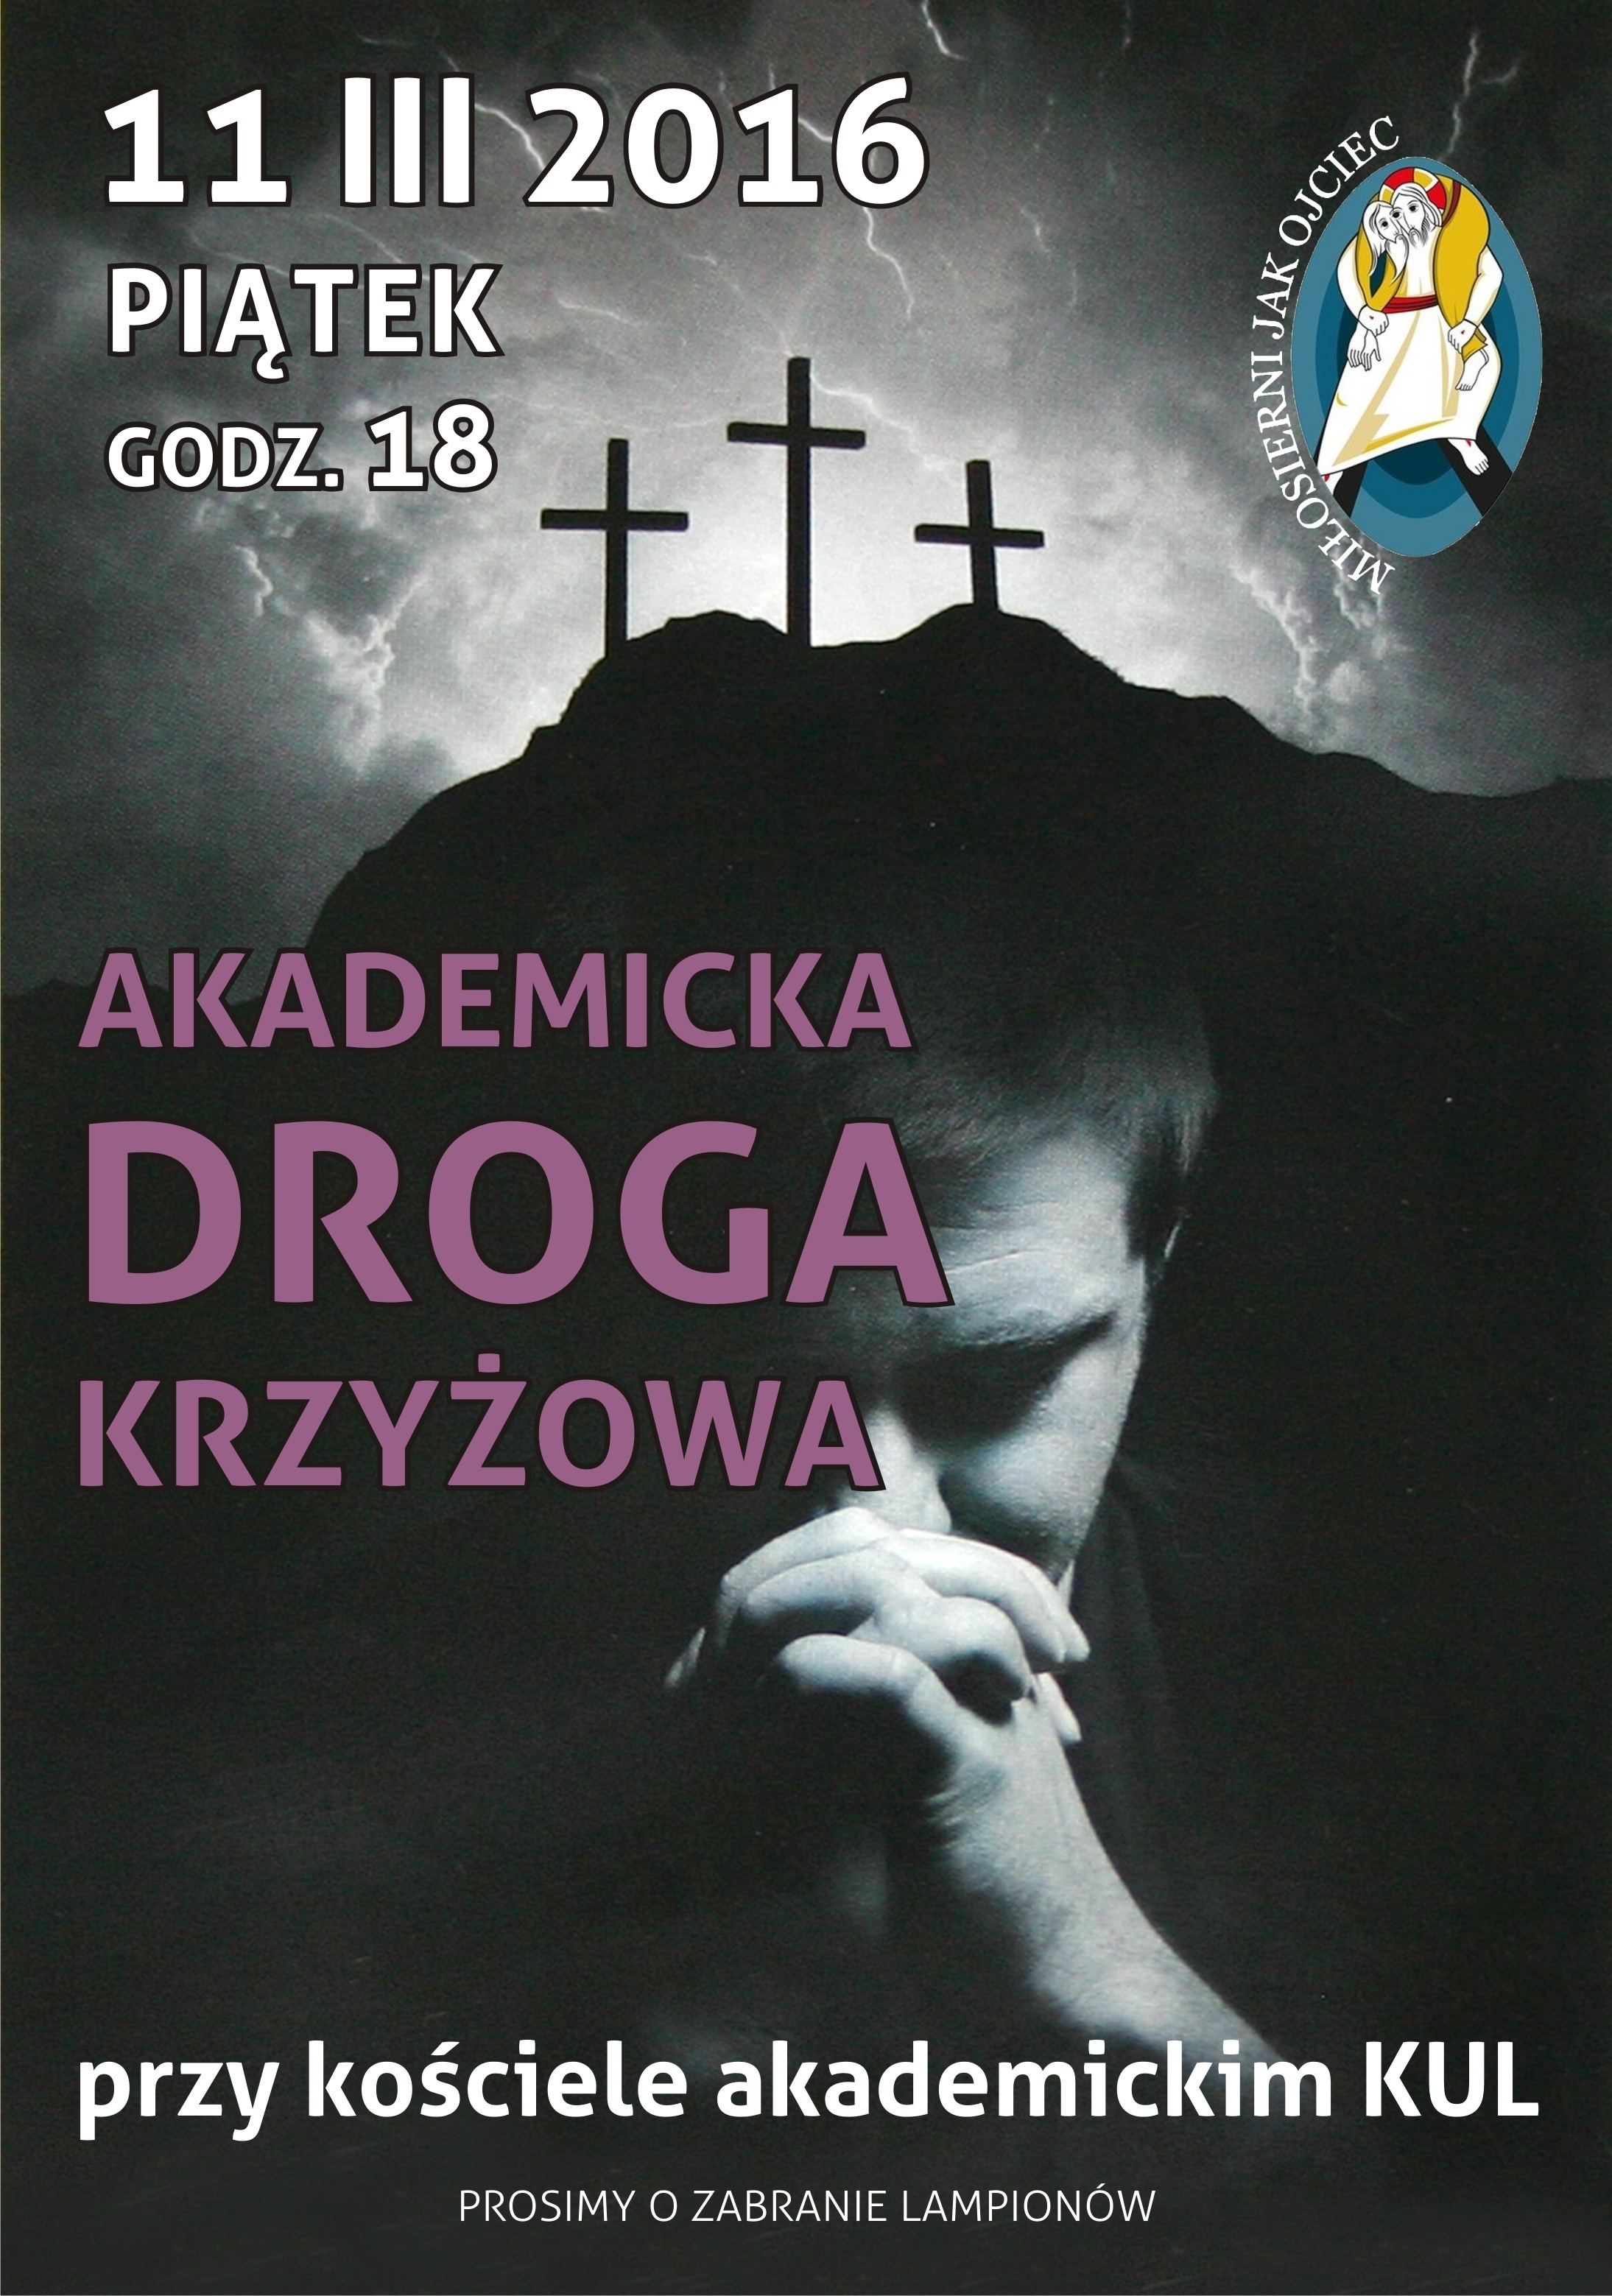 drogakrzyz_2016